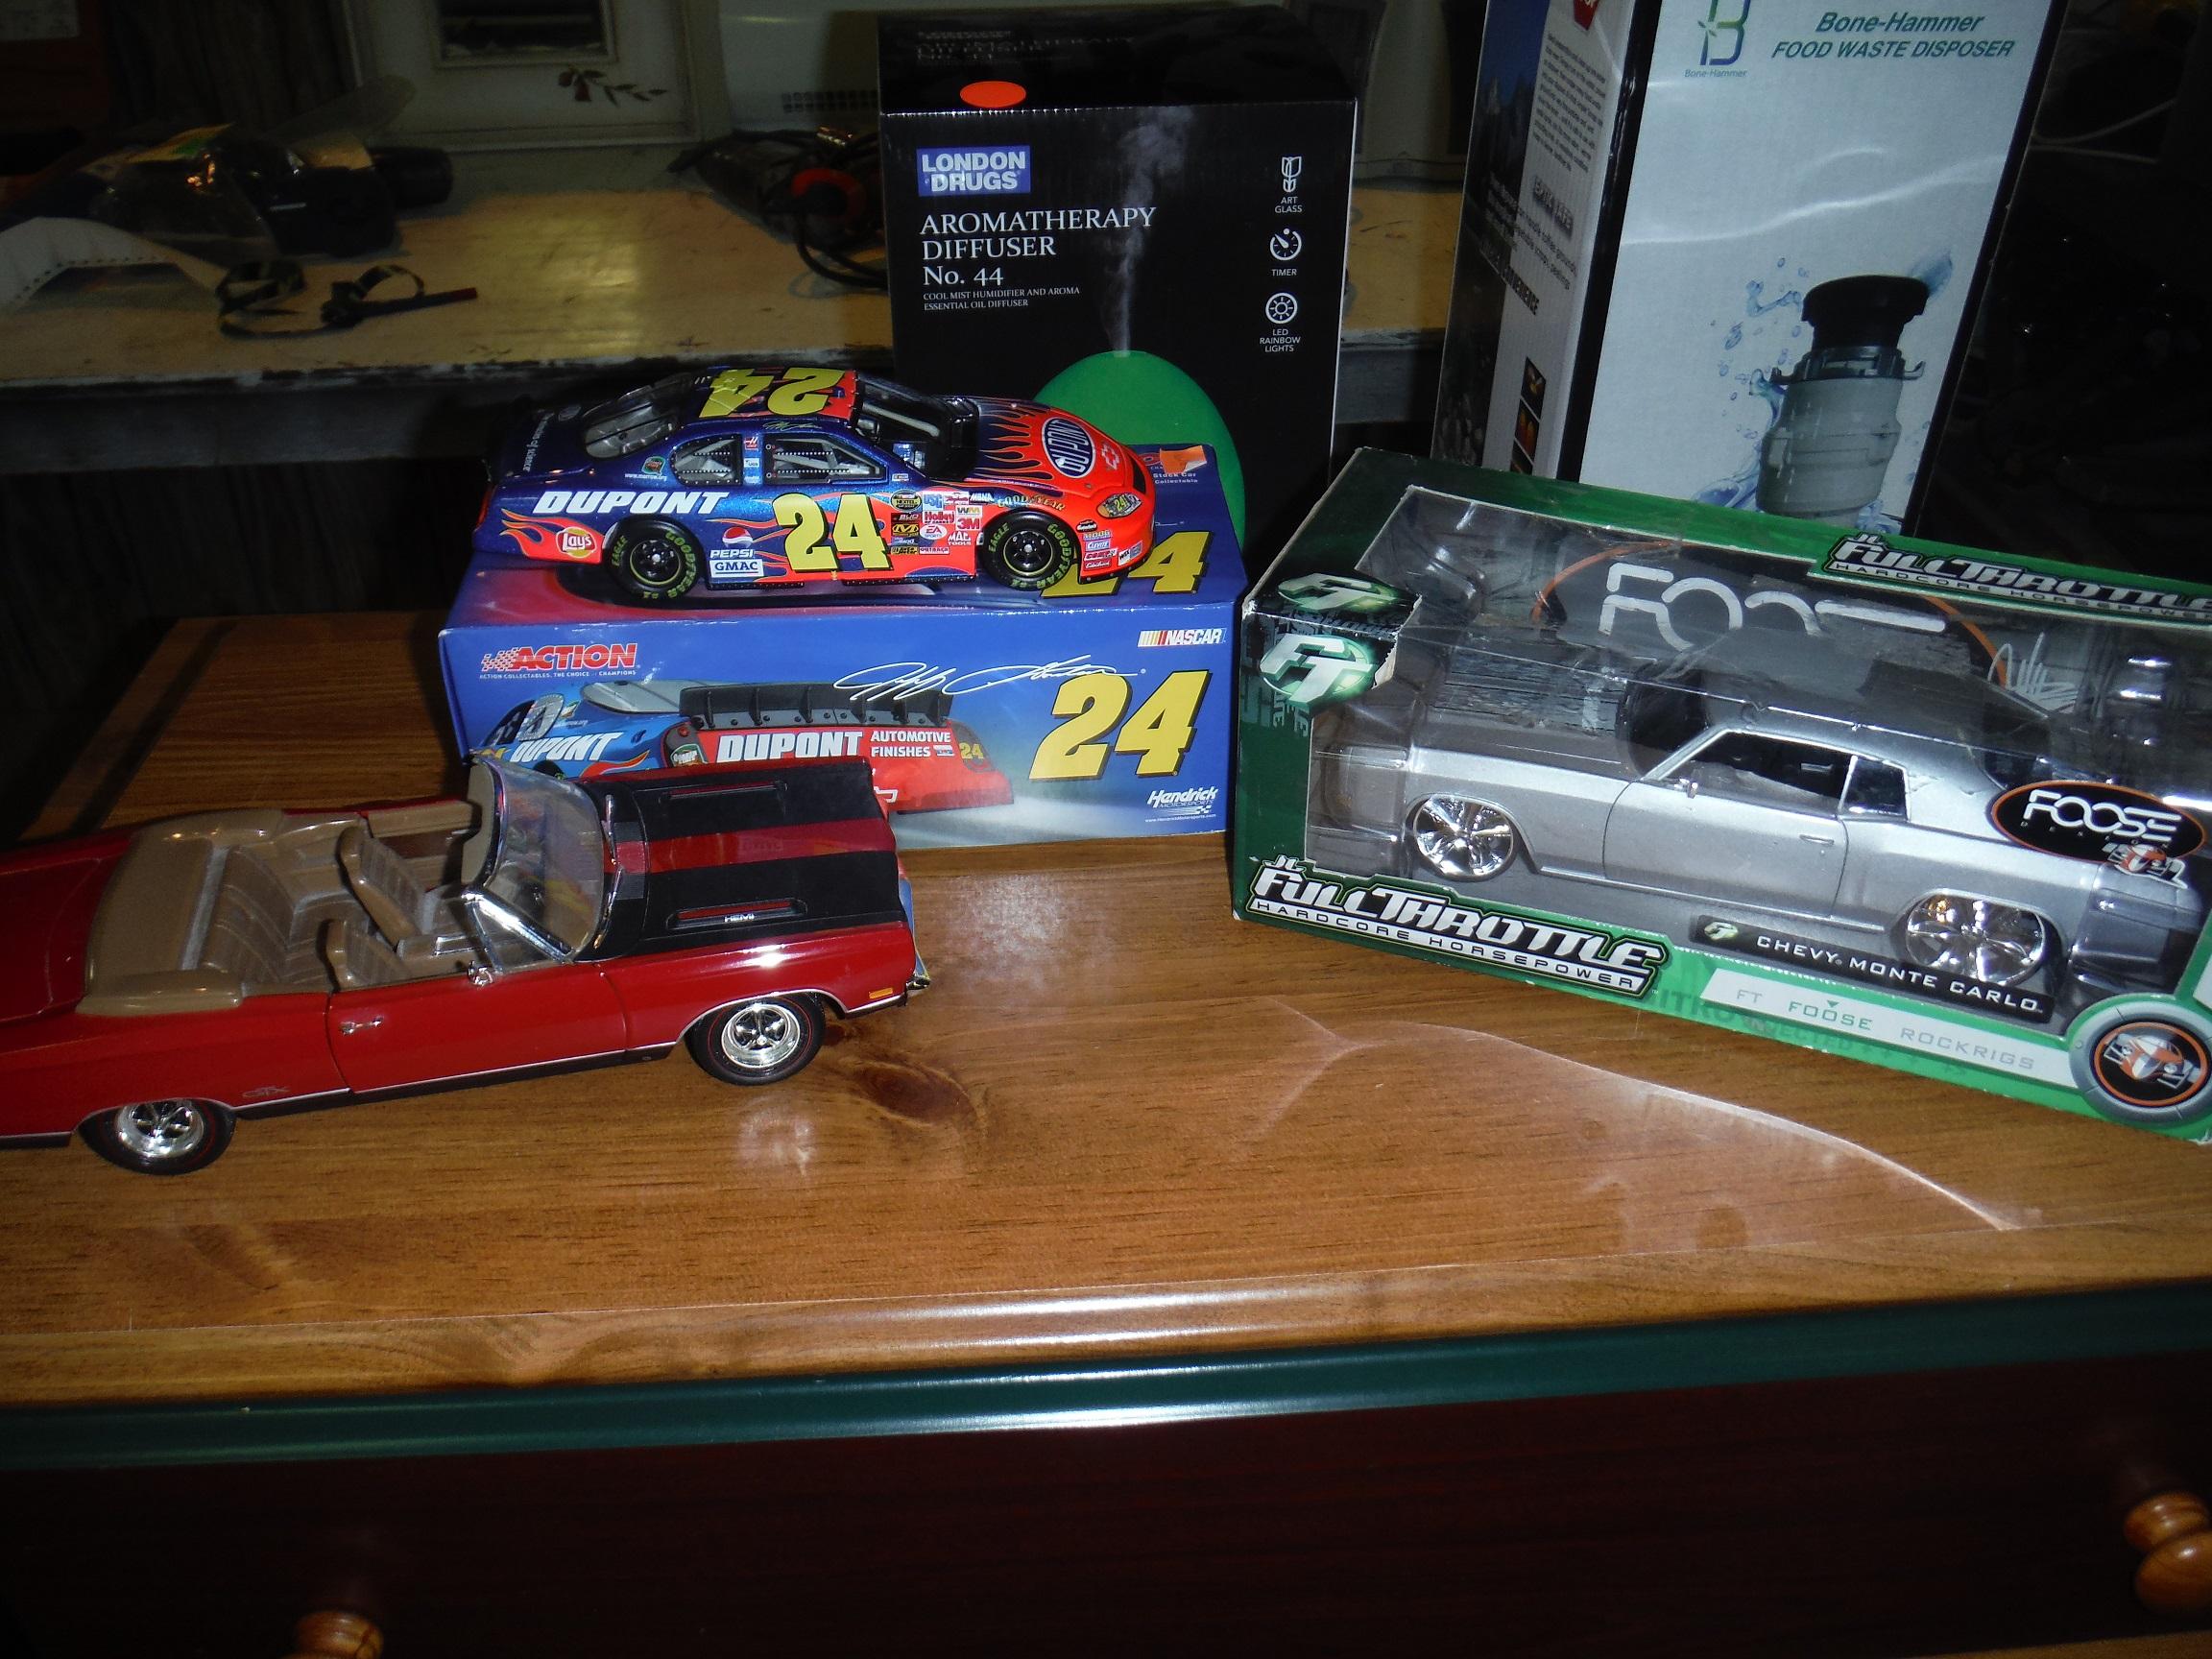 https://0901.nccdn.net/4_2/000/000/038/2d3/collectorcars.jpg